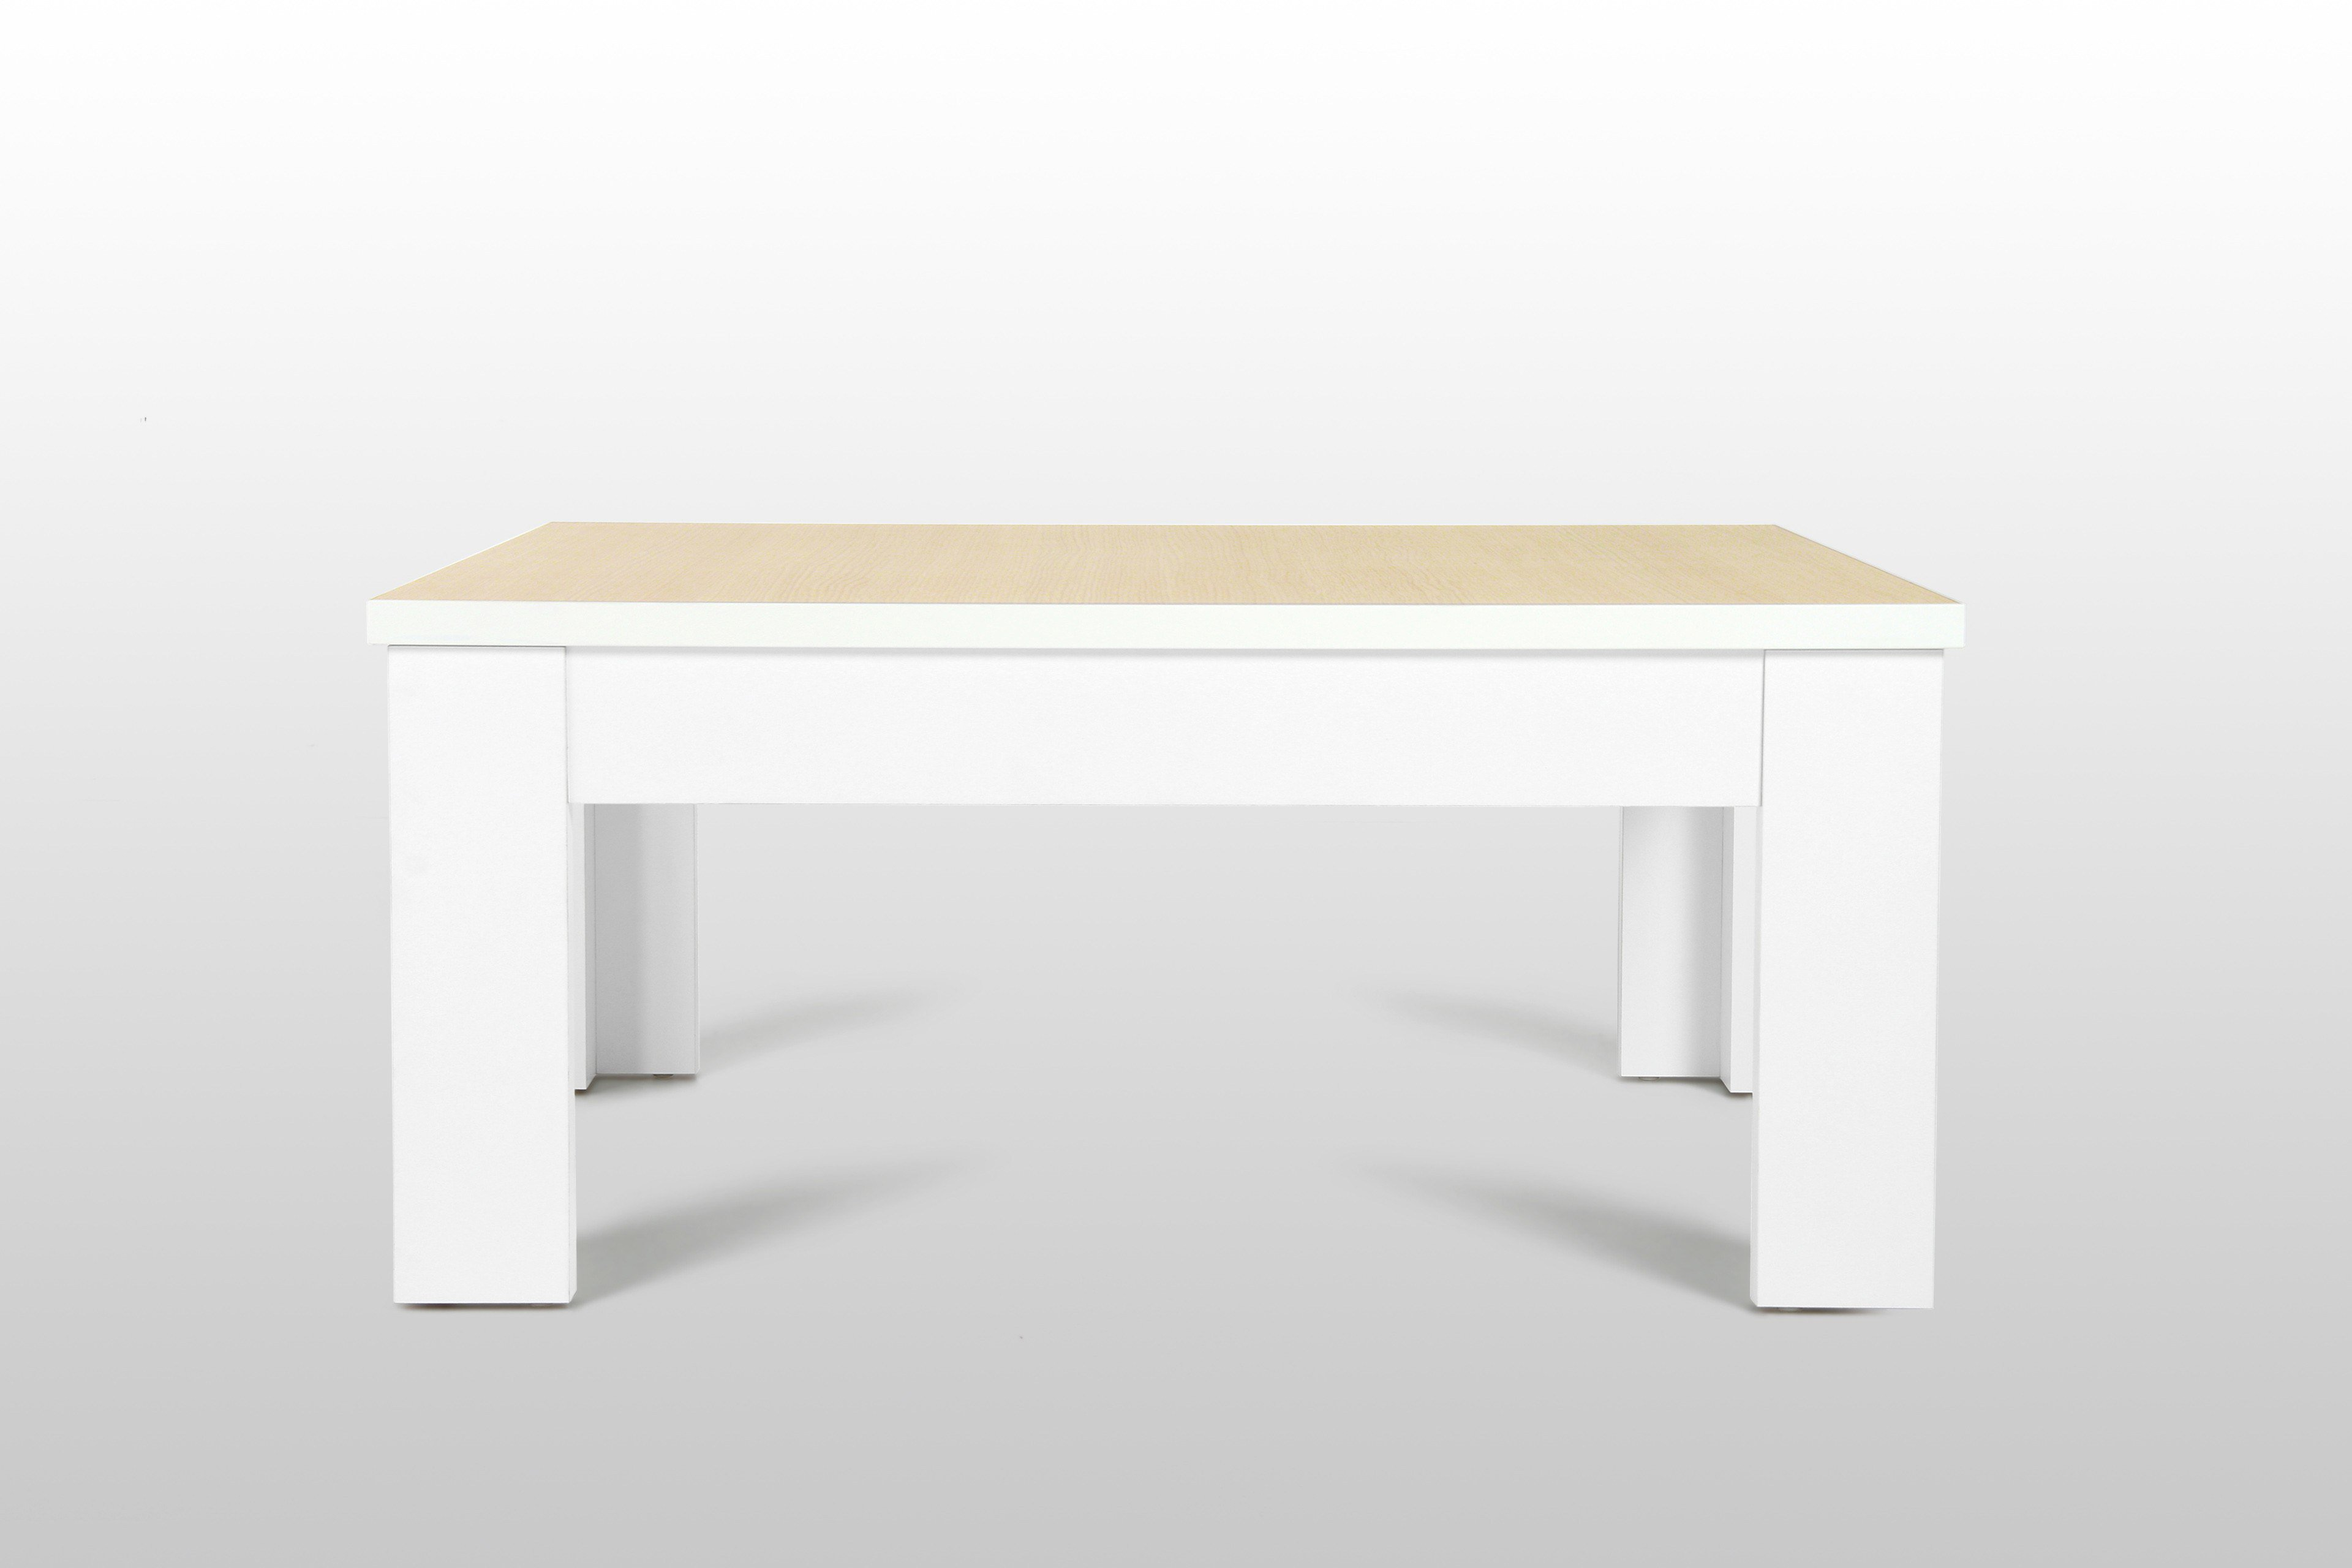 kollektion letz couchtisch lewin m bel letz ihr online shop. Black Bedroom Furniture Sets. Home Design Ideas